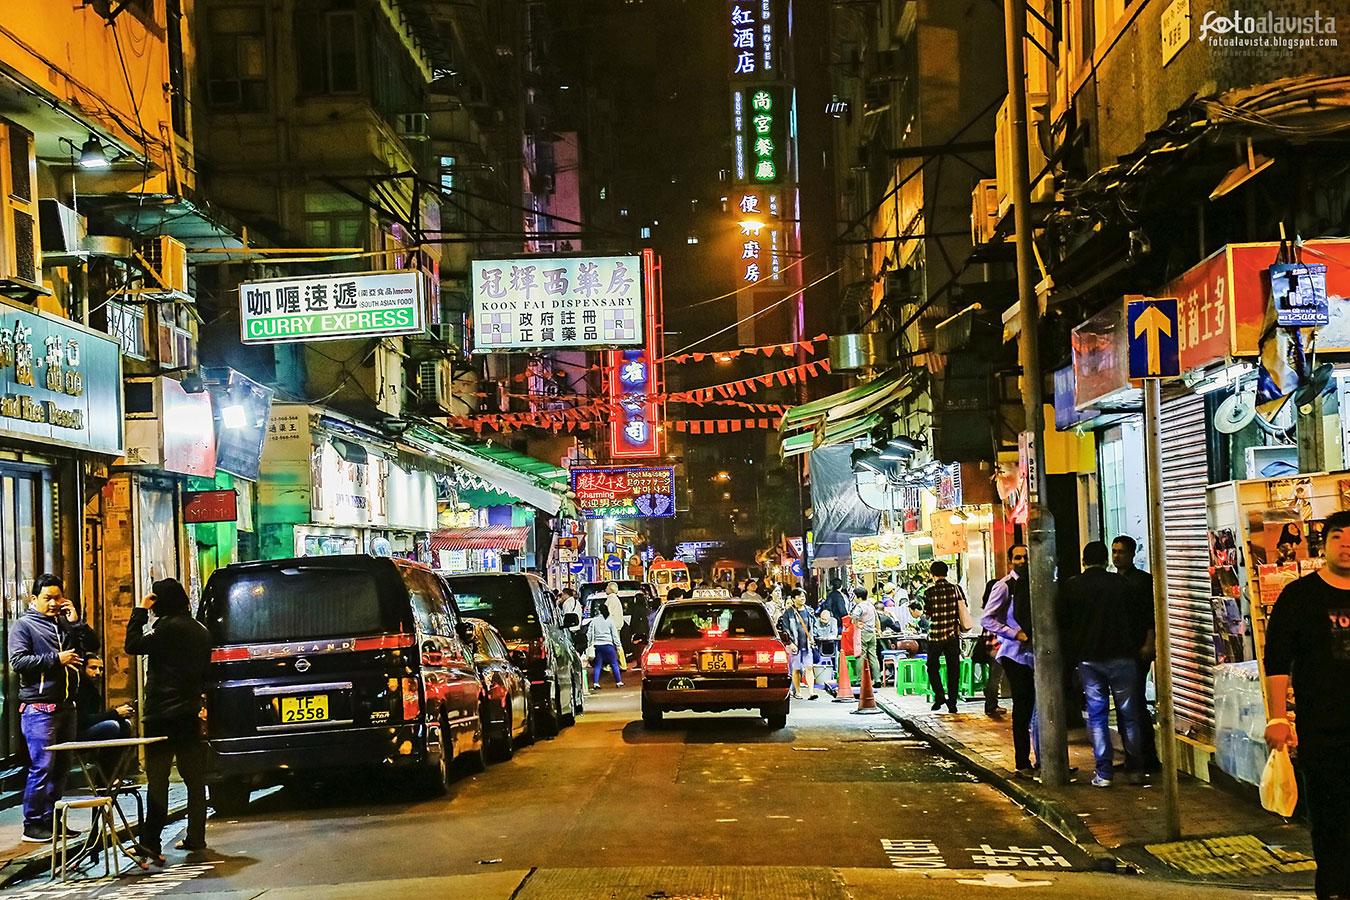 Curry Express en Hong Kong - Fotografía artística